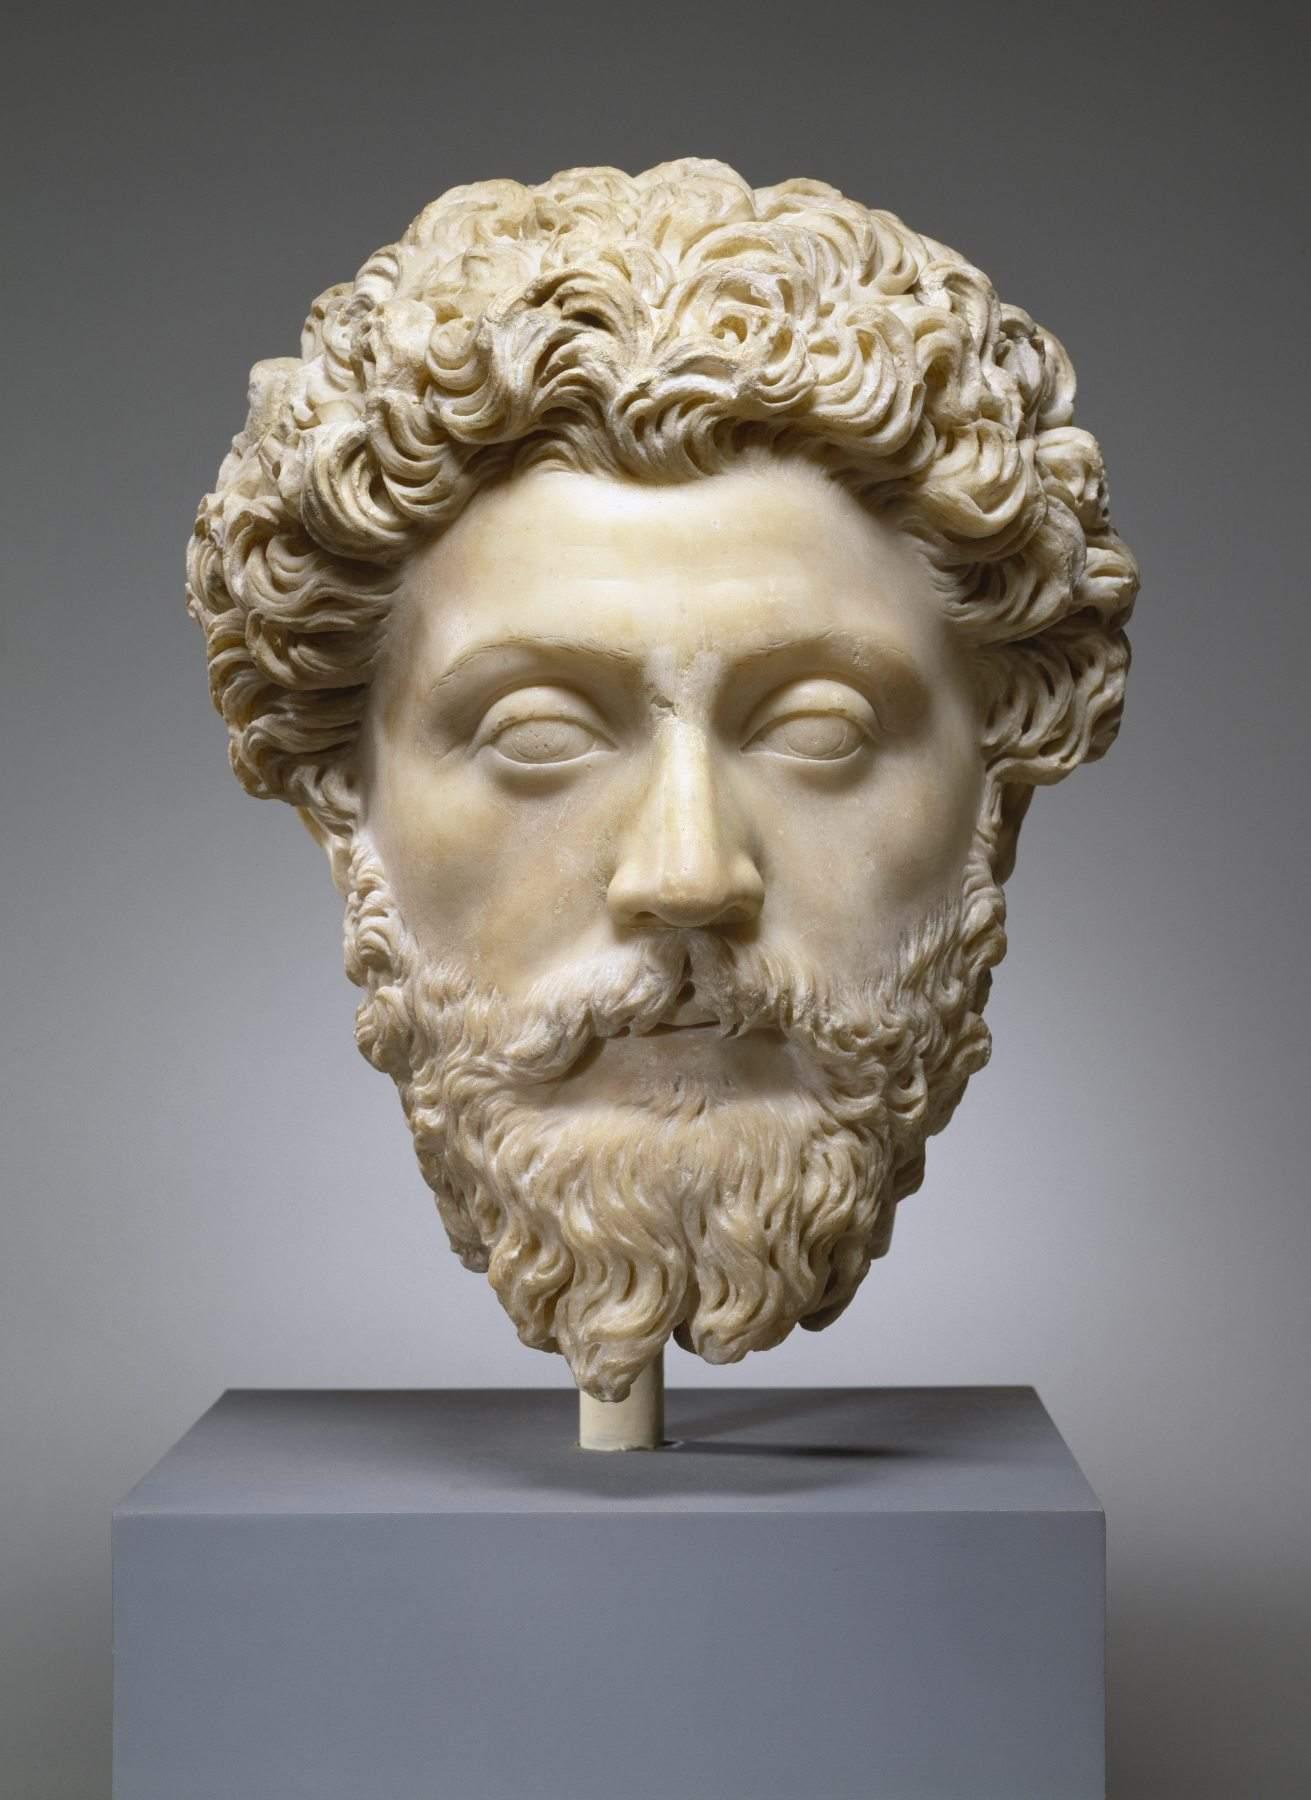 Ten reasons to visit the Marcus Aurelius fitness club 7